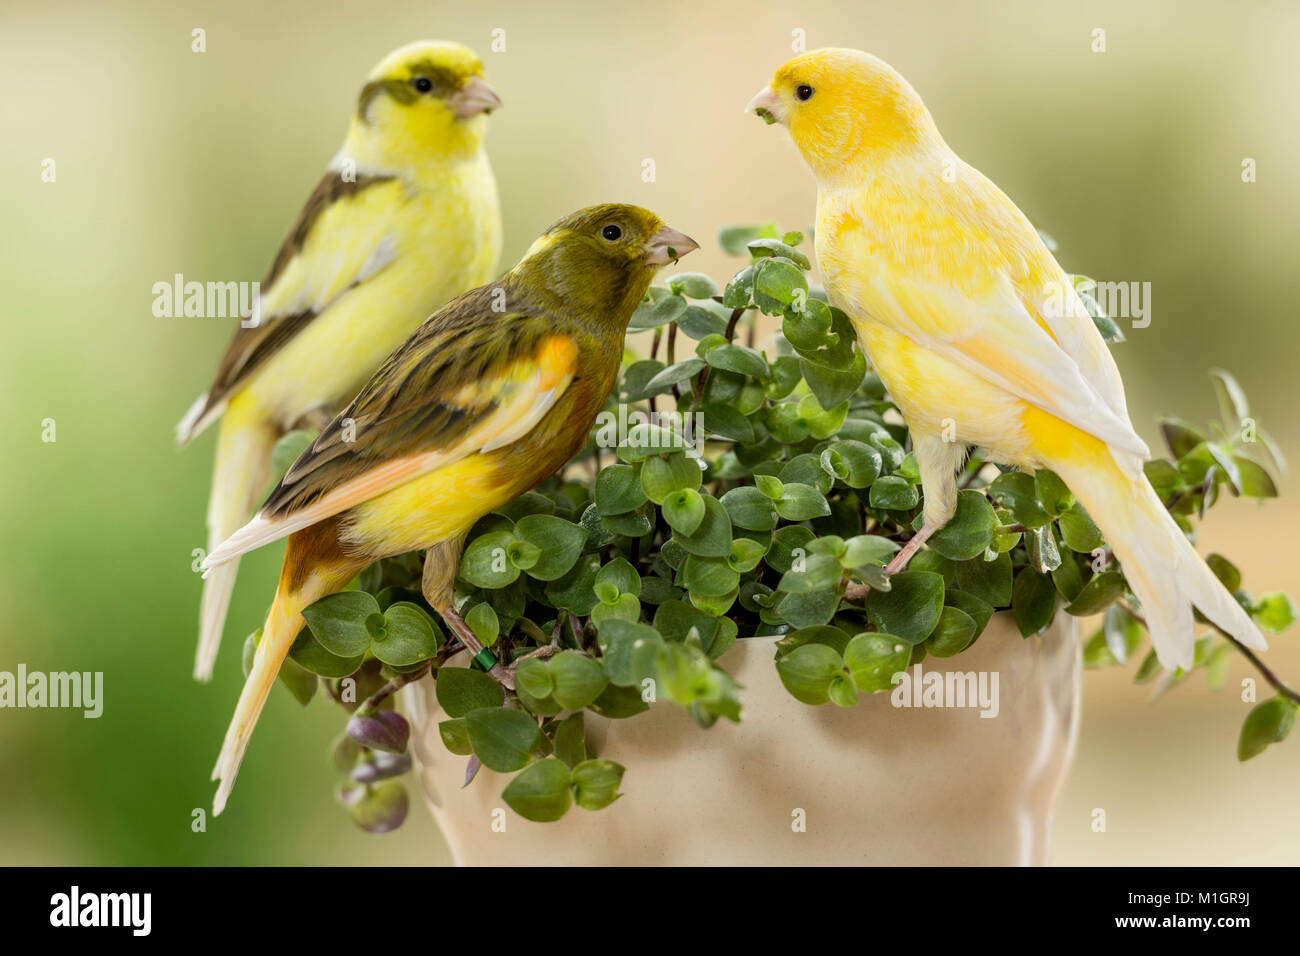 Inländische Kanarienvogel. Drei Vögel verschiedener Farbe essen Bolivianischen Jude. Deutschland Stockbild